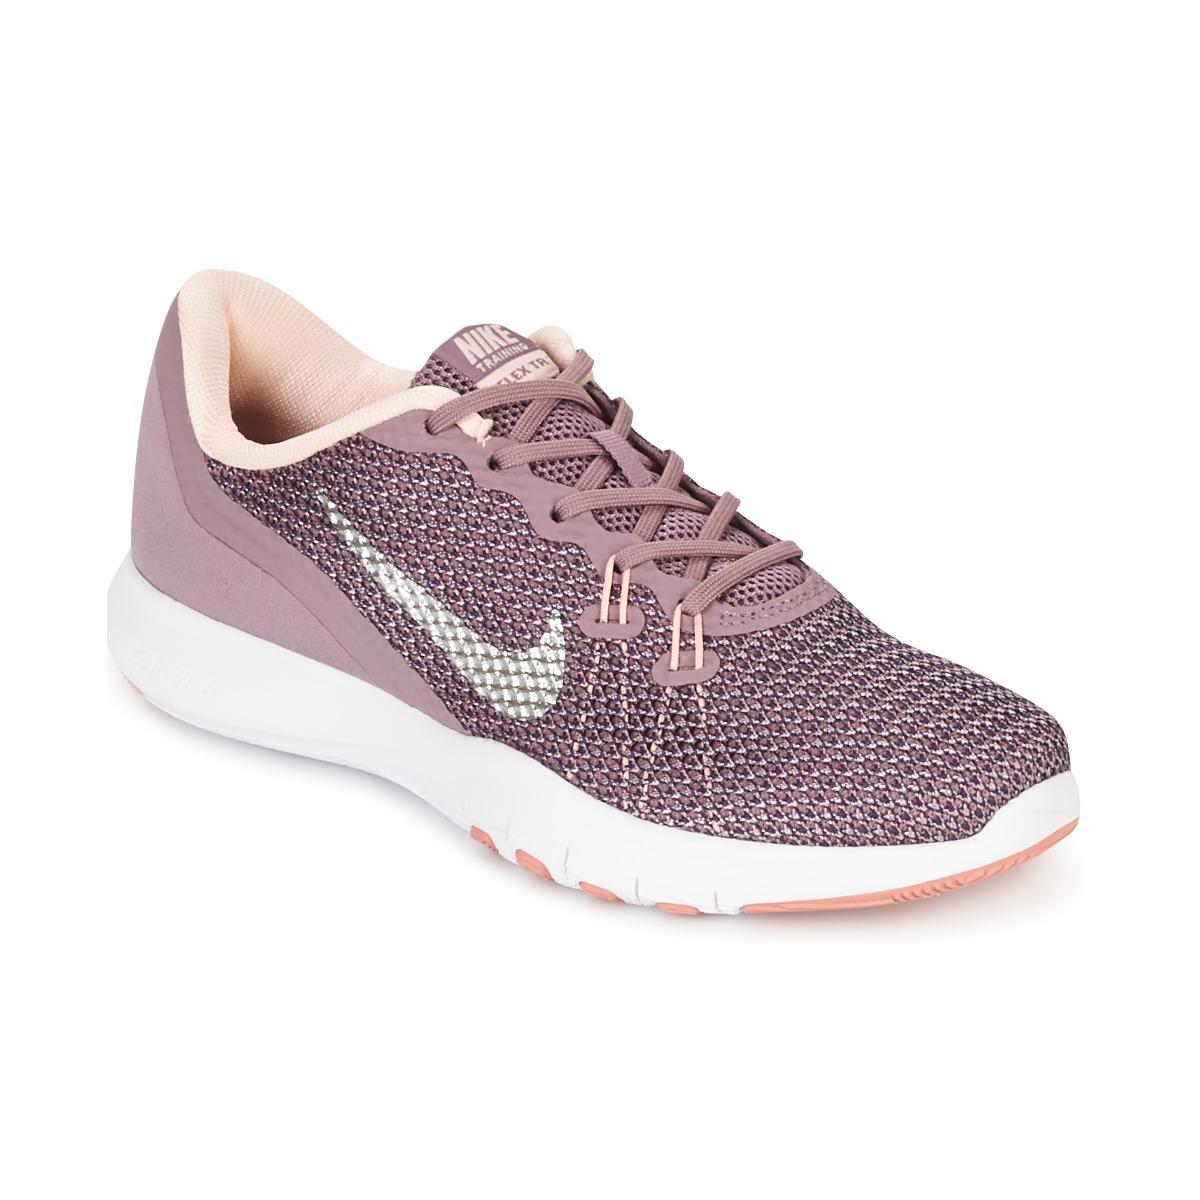 358ffec5268ac Nike Flex Trainer 7 Bionic W Women s Trainers In Purple in Purple - Lyst